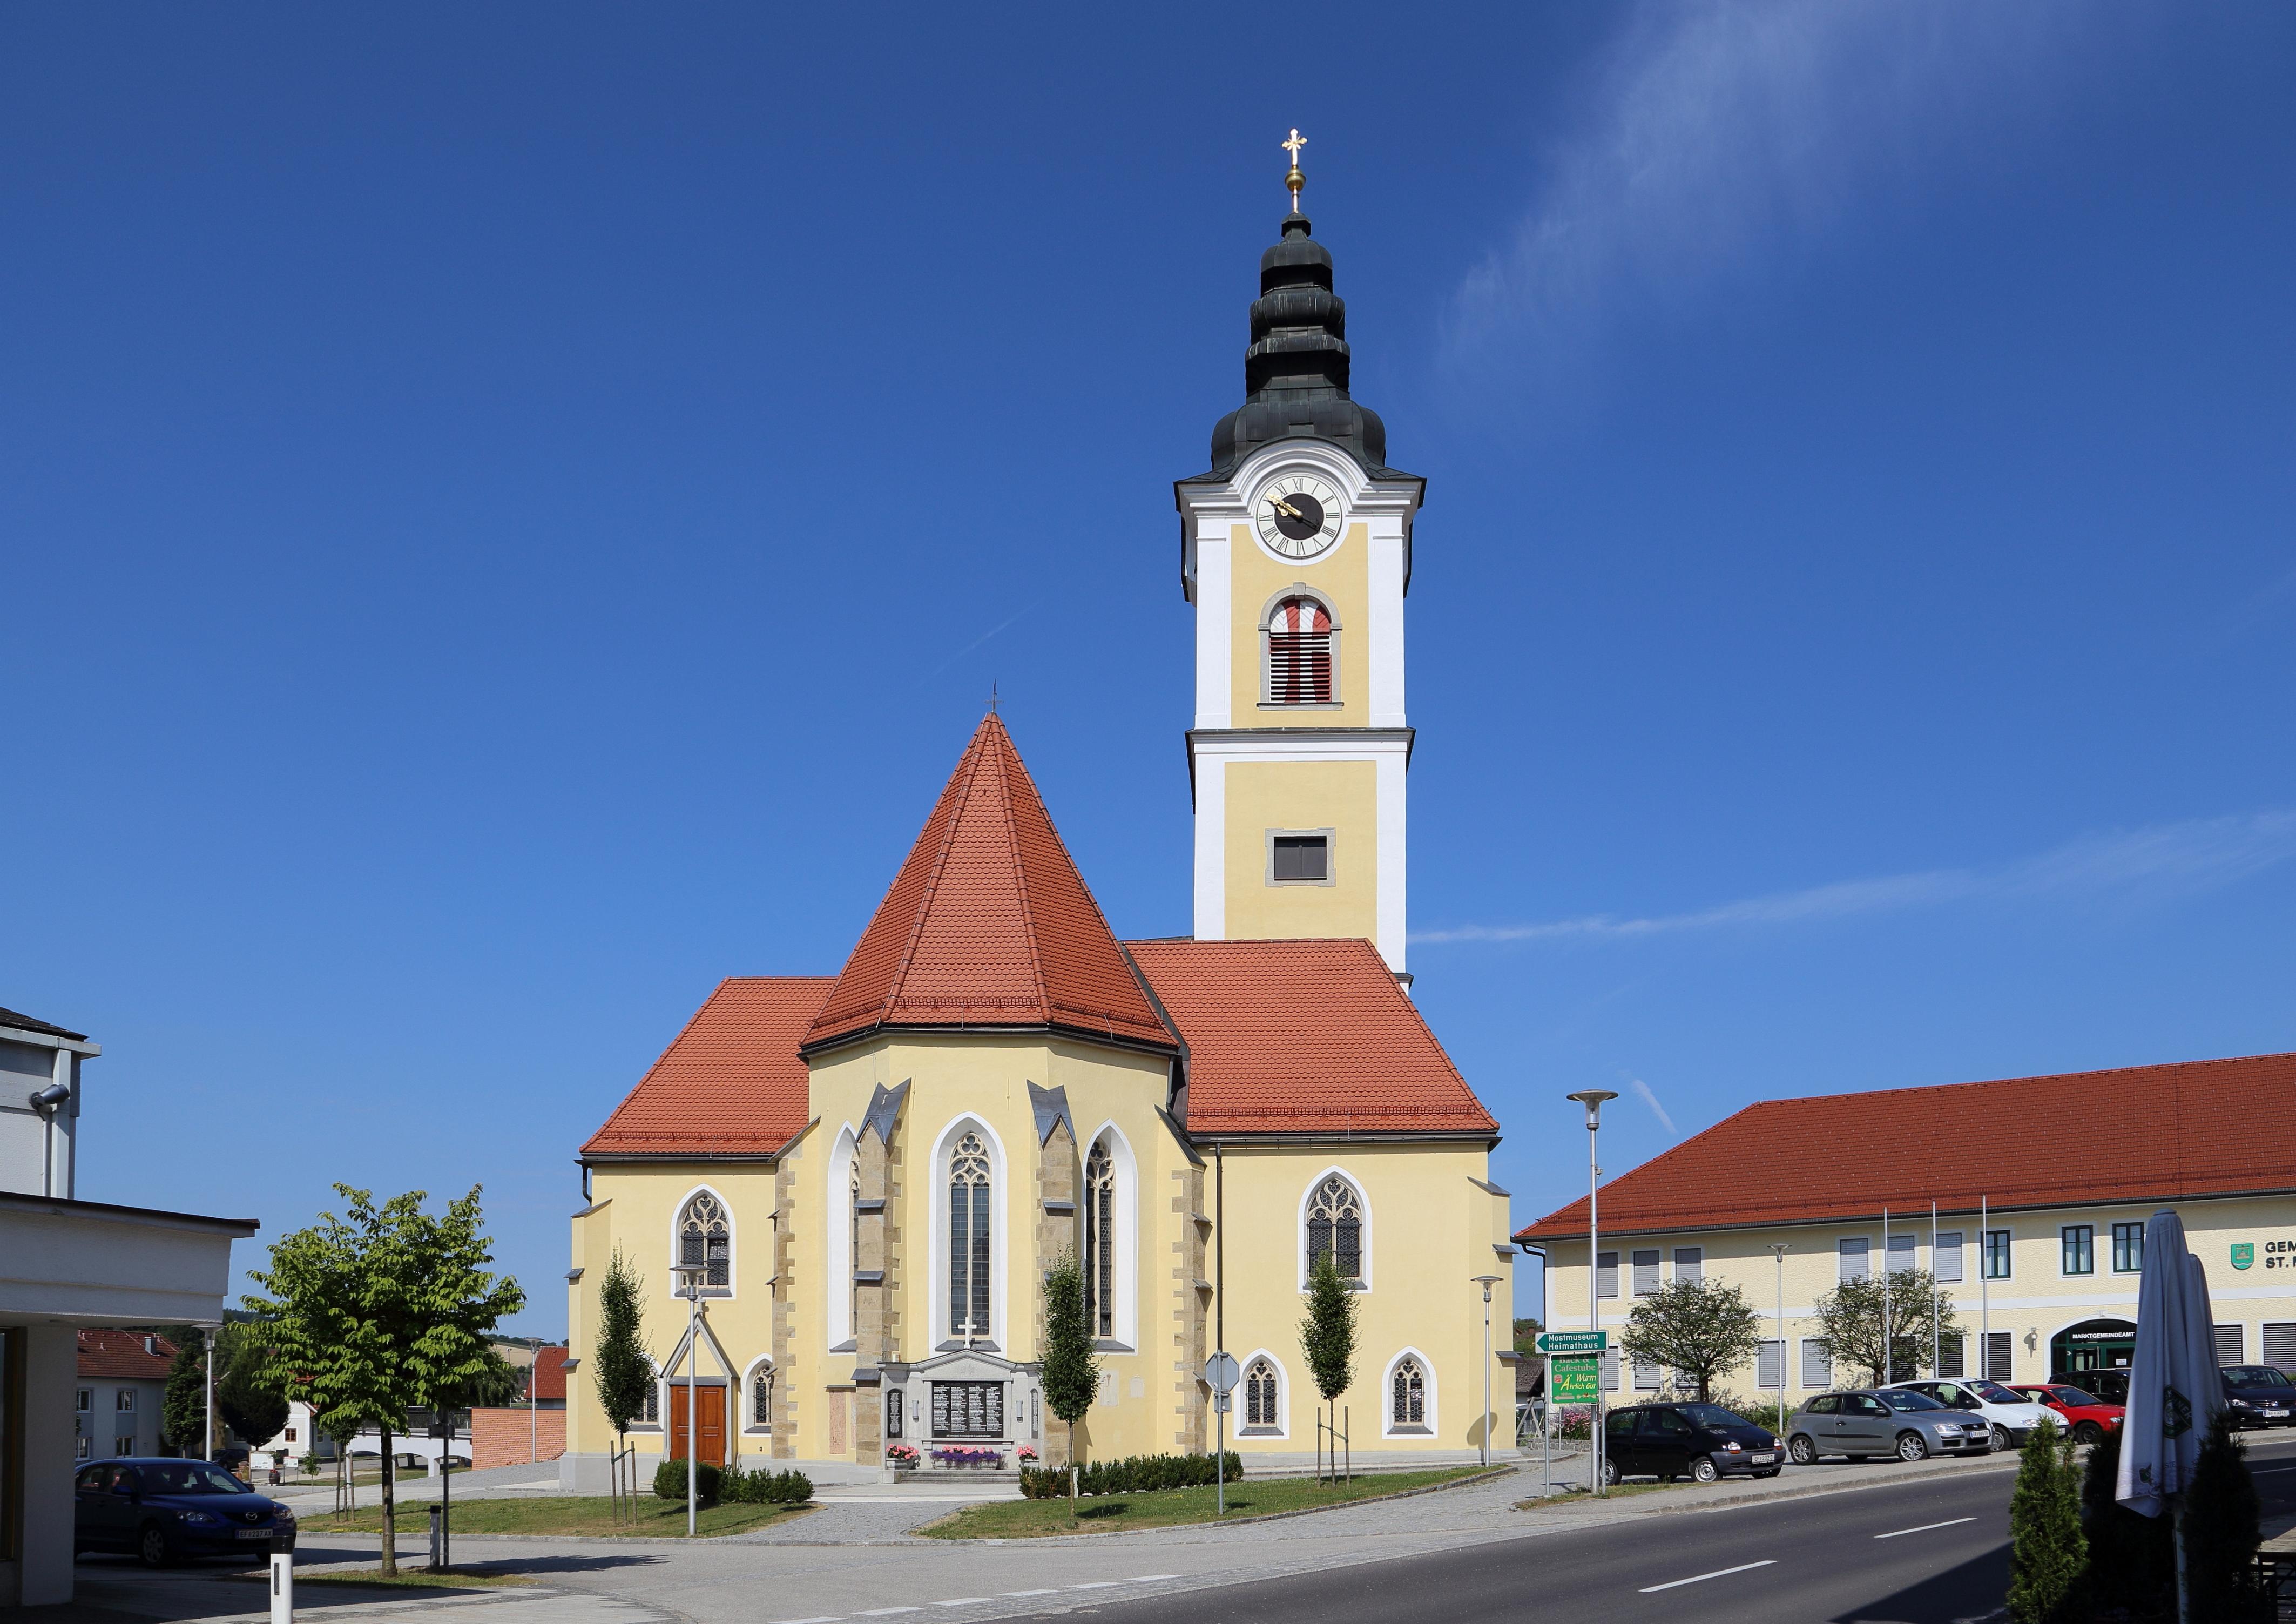 Sankt marienkirchen an der polsenz single mnner bezirk